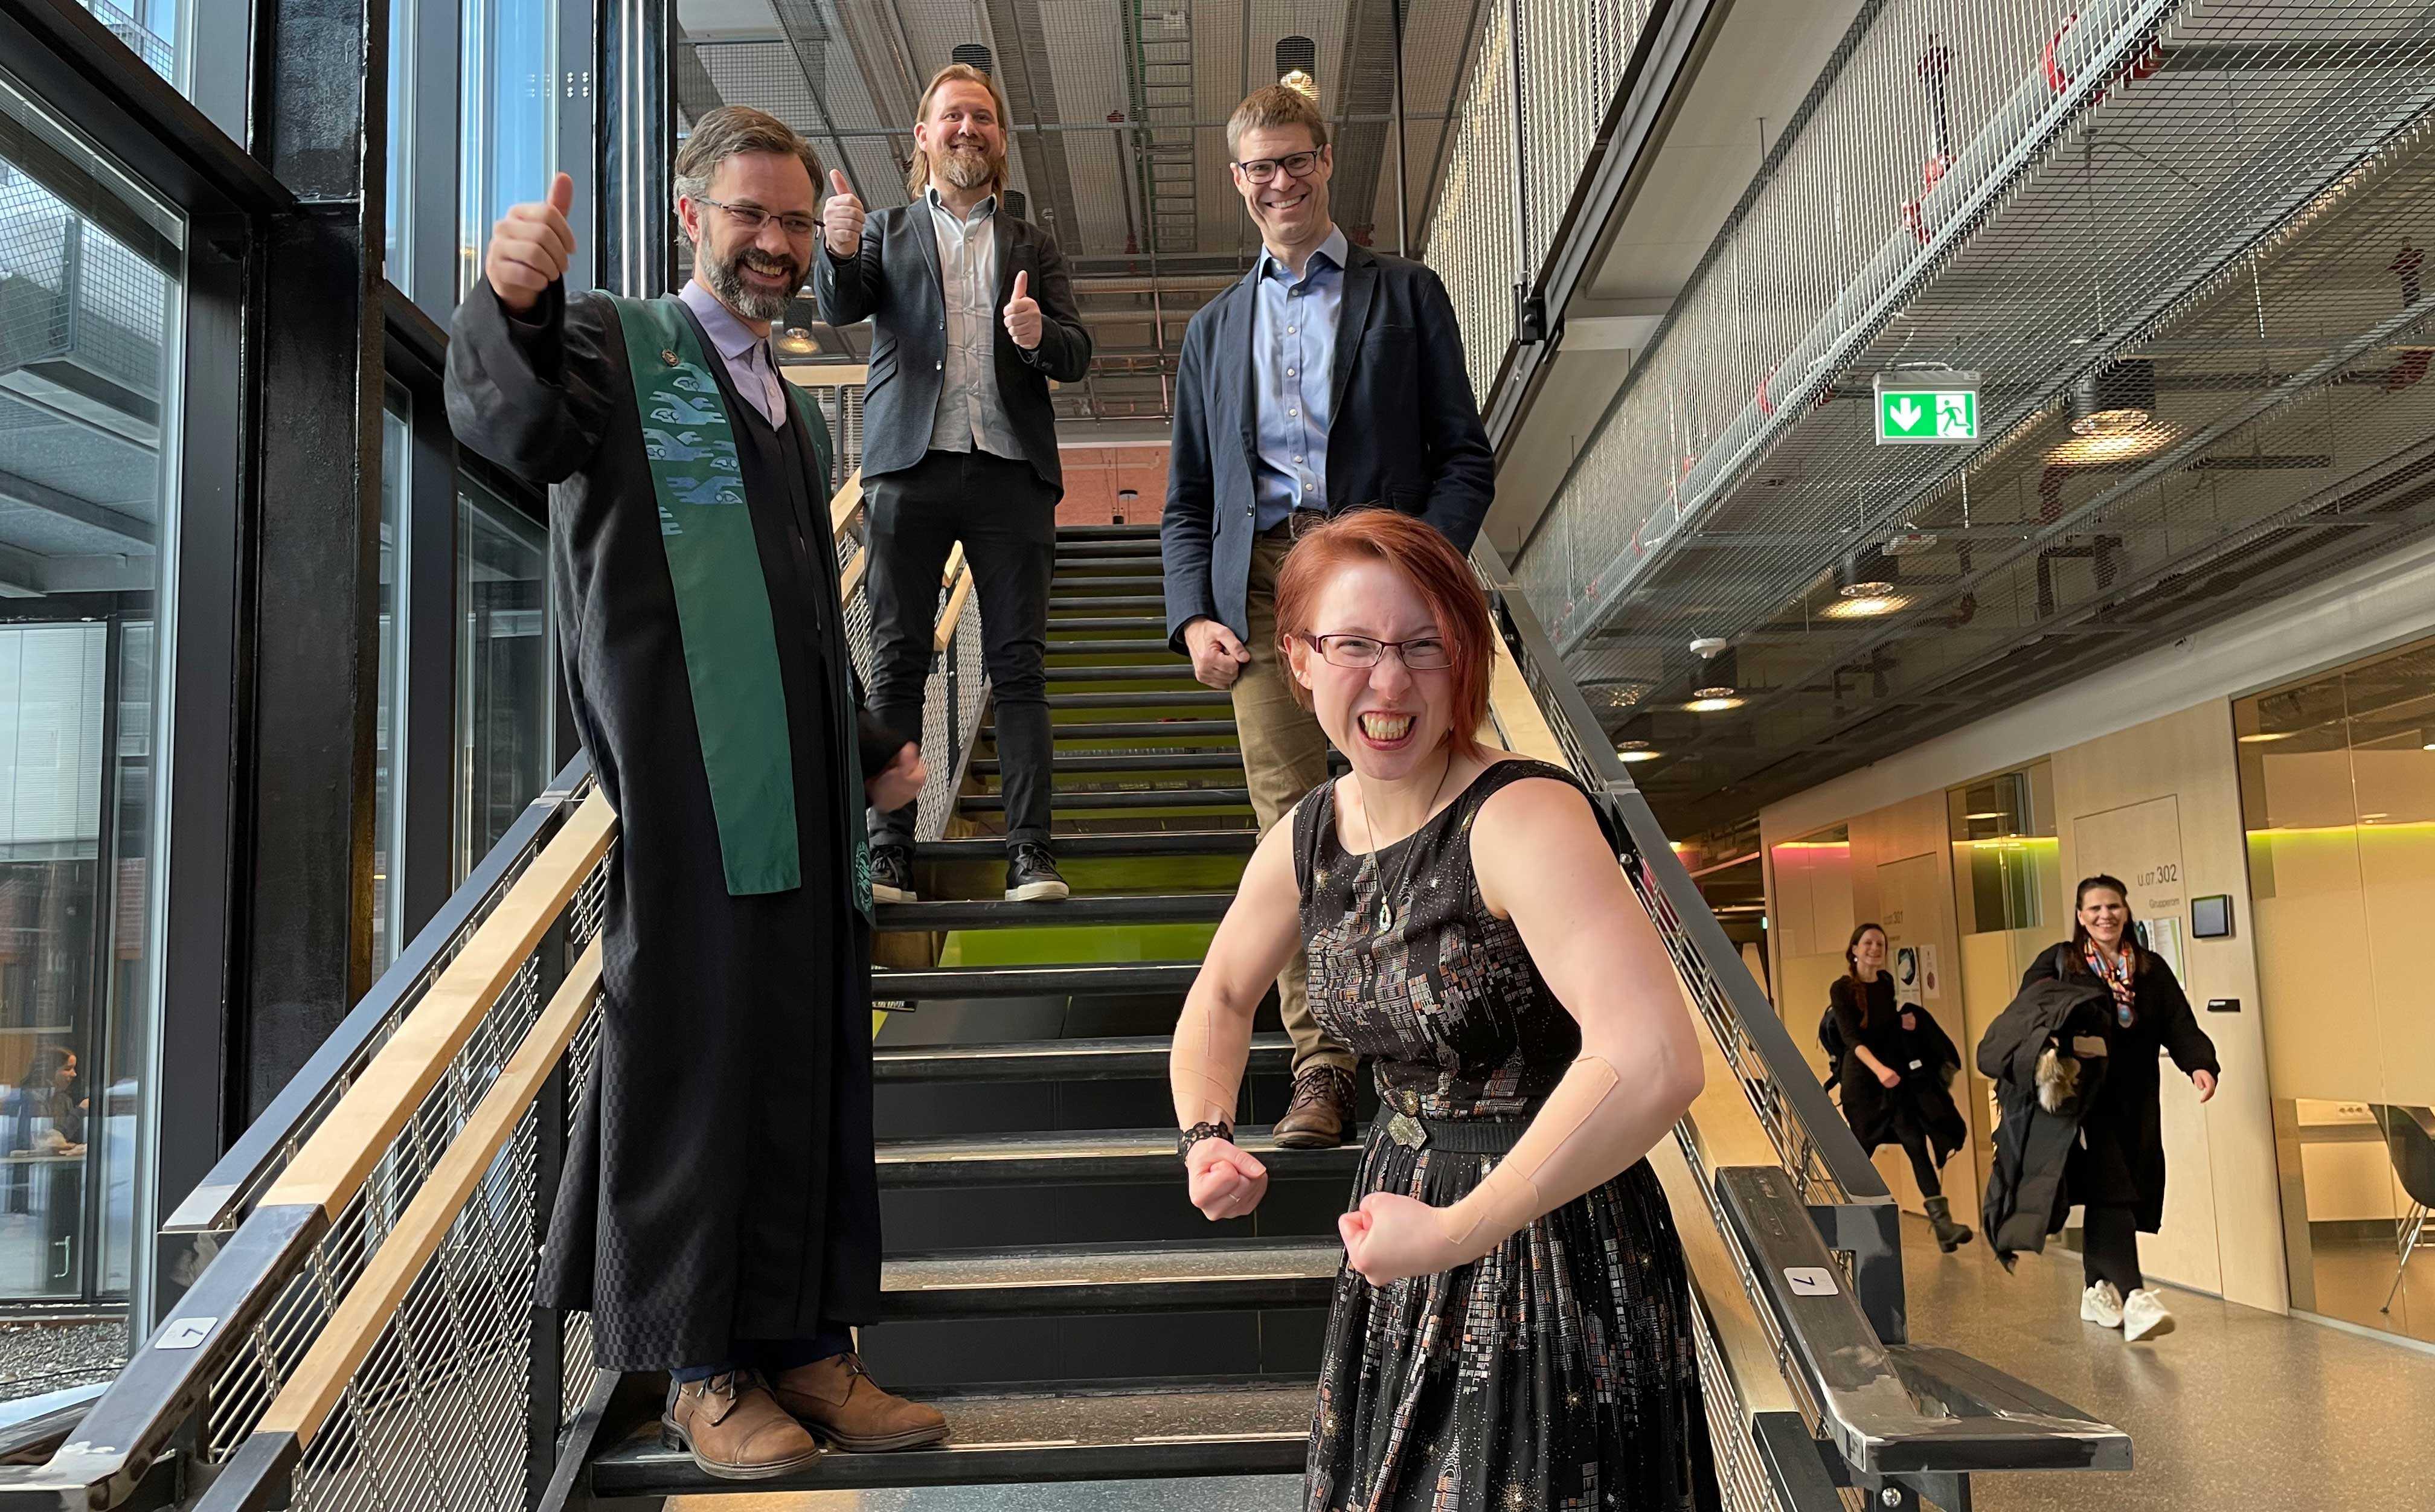 Fra venstre: Førsteamanuensis Stein Olav Skrøvseth (disputasleder), førsteamanuensis Rune Pedersen (leder av bedømmelseskomiteen), hovedveileder professor Eirik Årsand og doktor Meghan Bradway. Foto: Hasse Berntsen